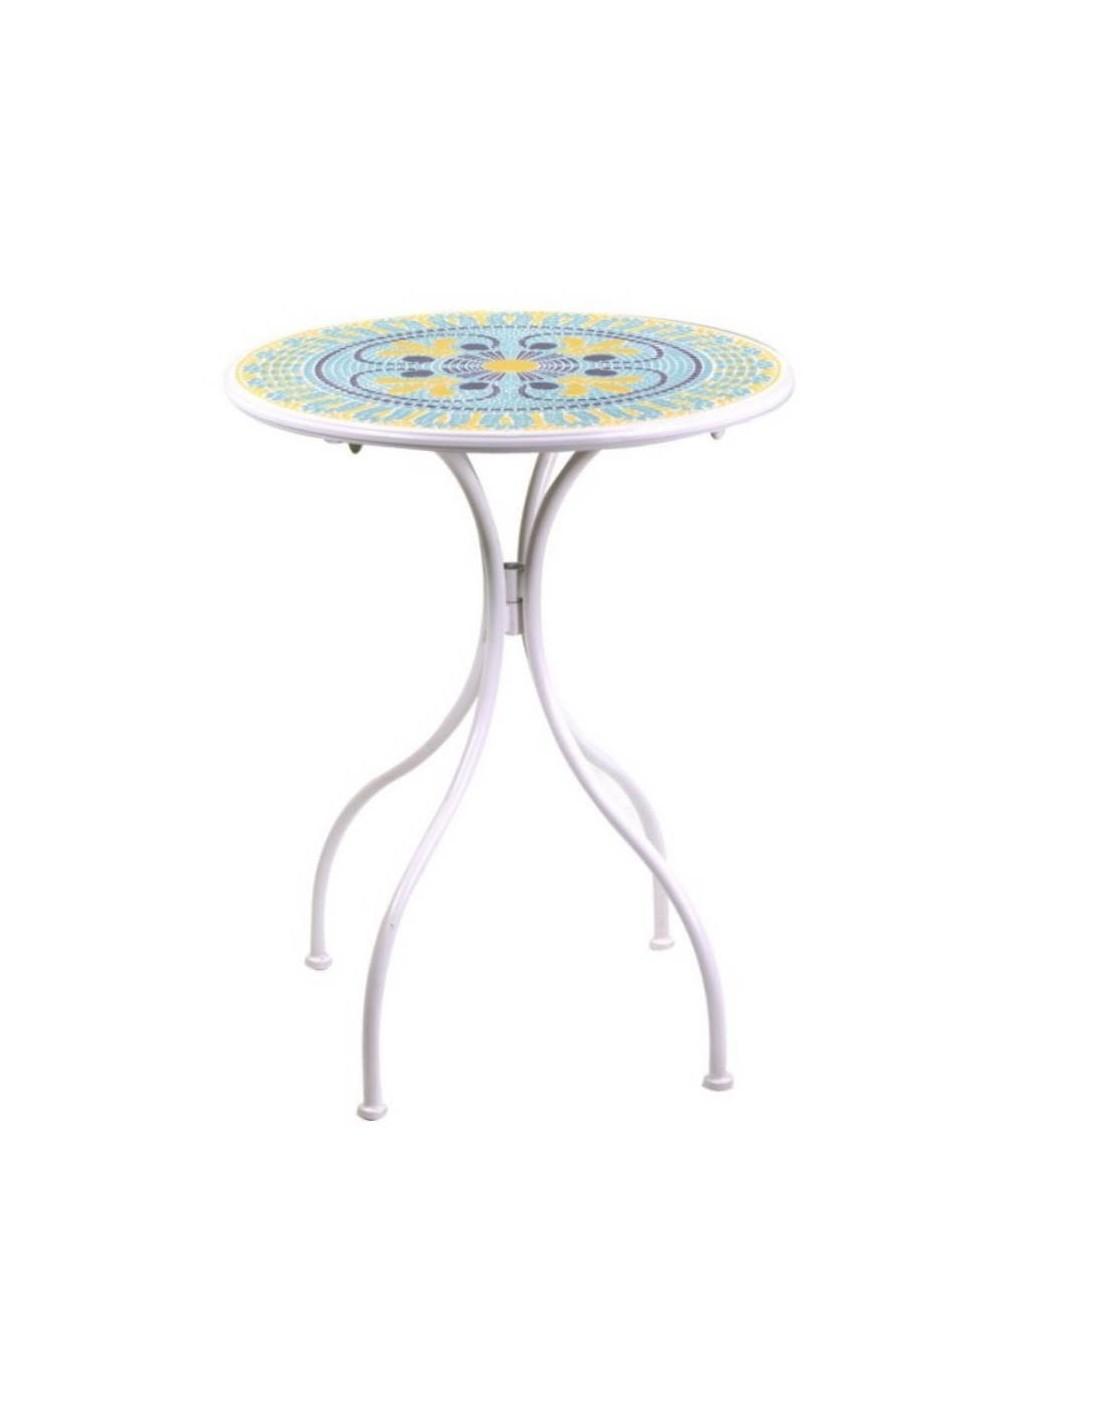 Mobili Da Giardino Brindisi.Tavolo Tondo In Metallo Con Mosaico E Due Sedie Brindisi A Soli 139 00